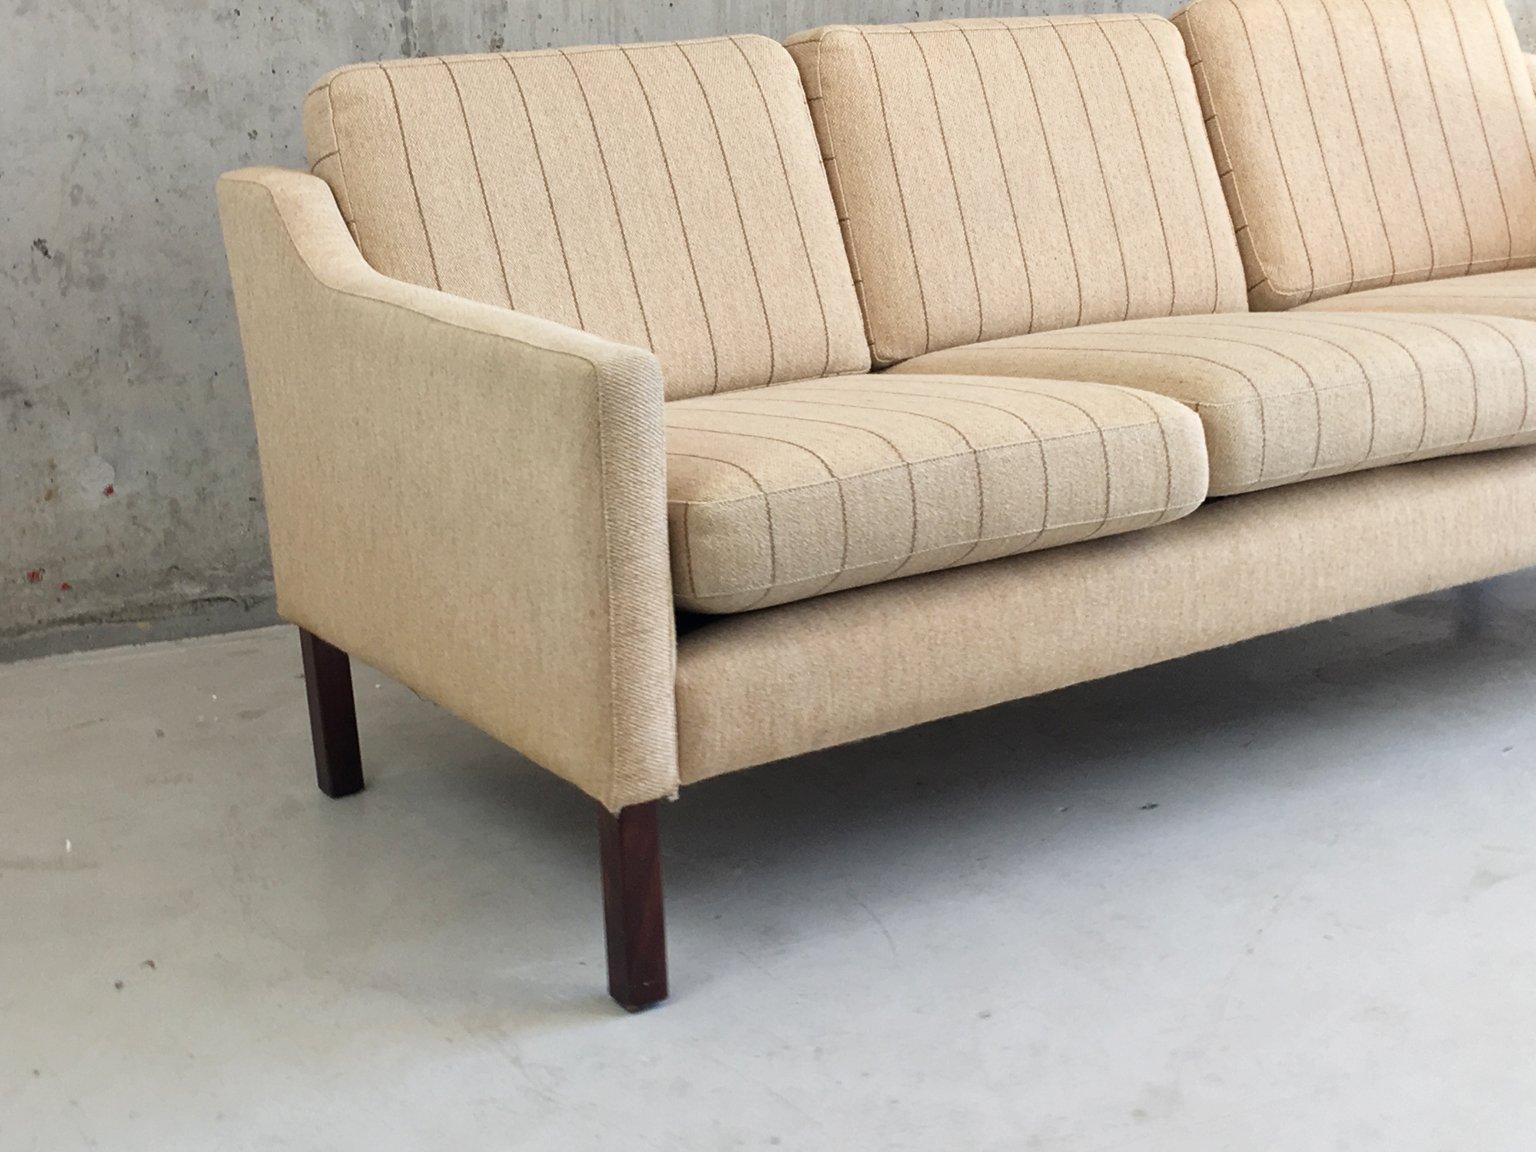 d nisches drei sitzer sofa mit nadelstreifen muster 1970er bei pamono kaufen. Black Bedroom Furniture Sets. Home Design Ideas